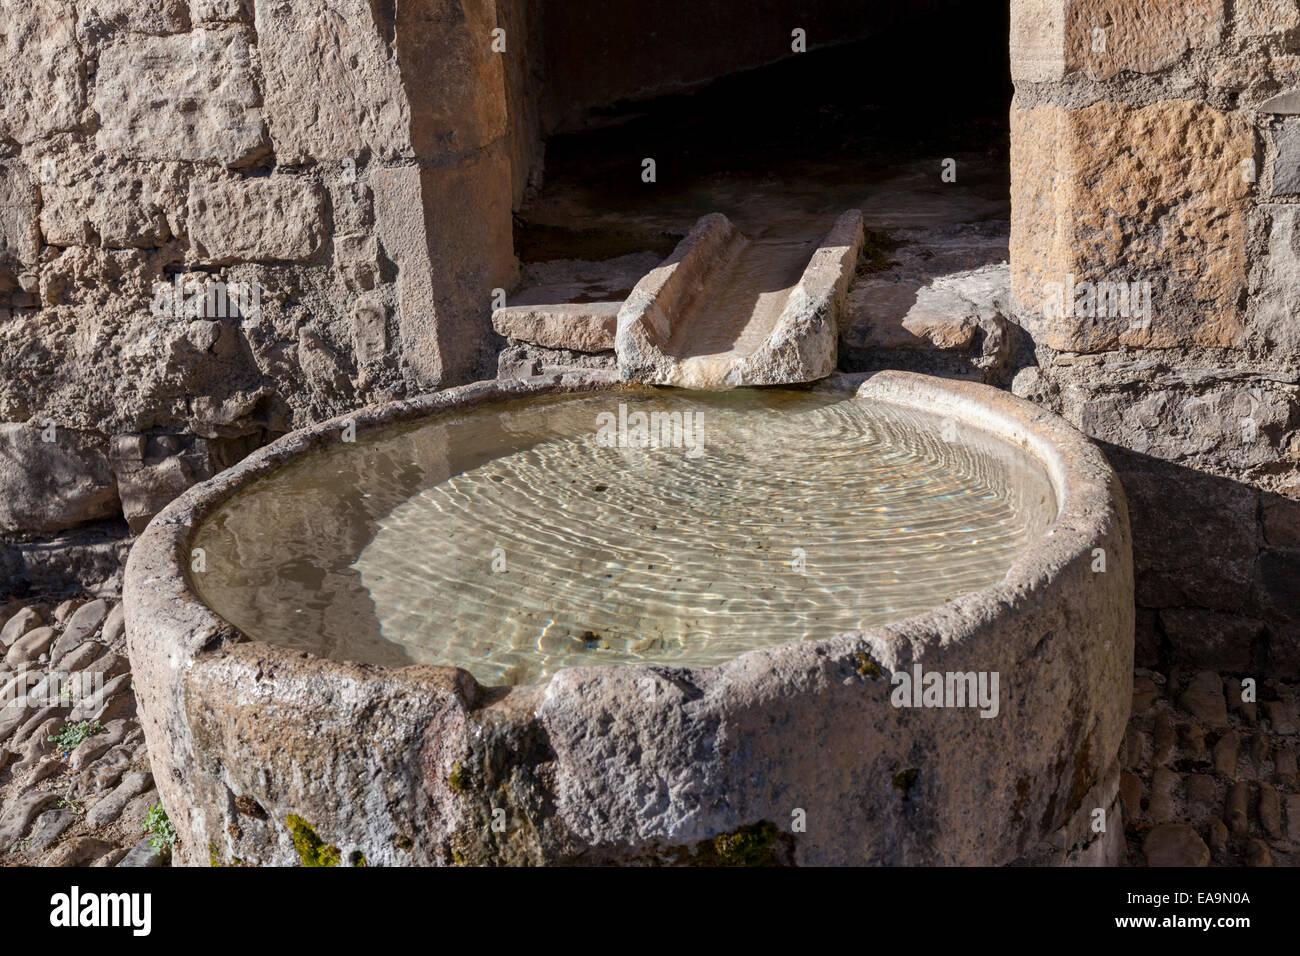 Le bassin d'origine de la Fontaine Saint Cristofol de Peyre, l'église (Aveyron - France). Directement Photo Stock